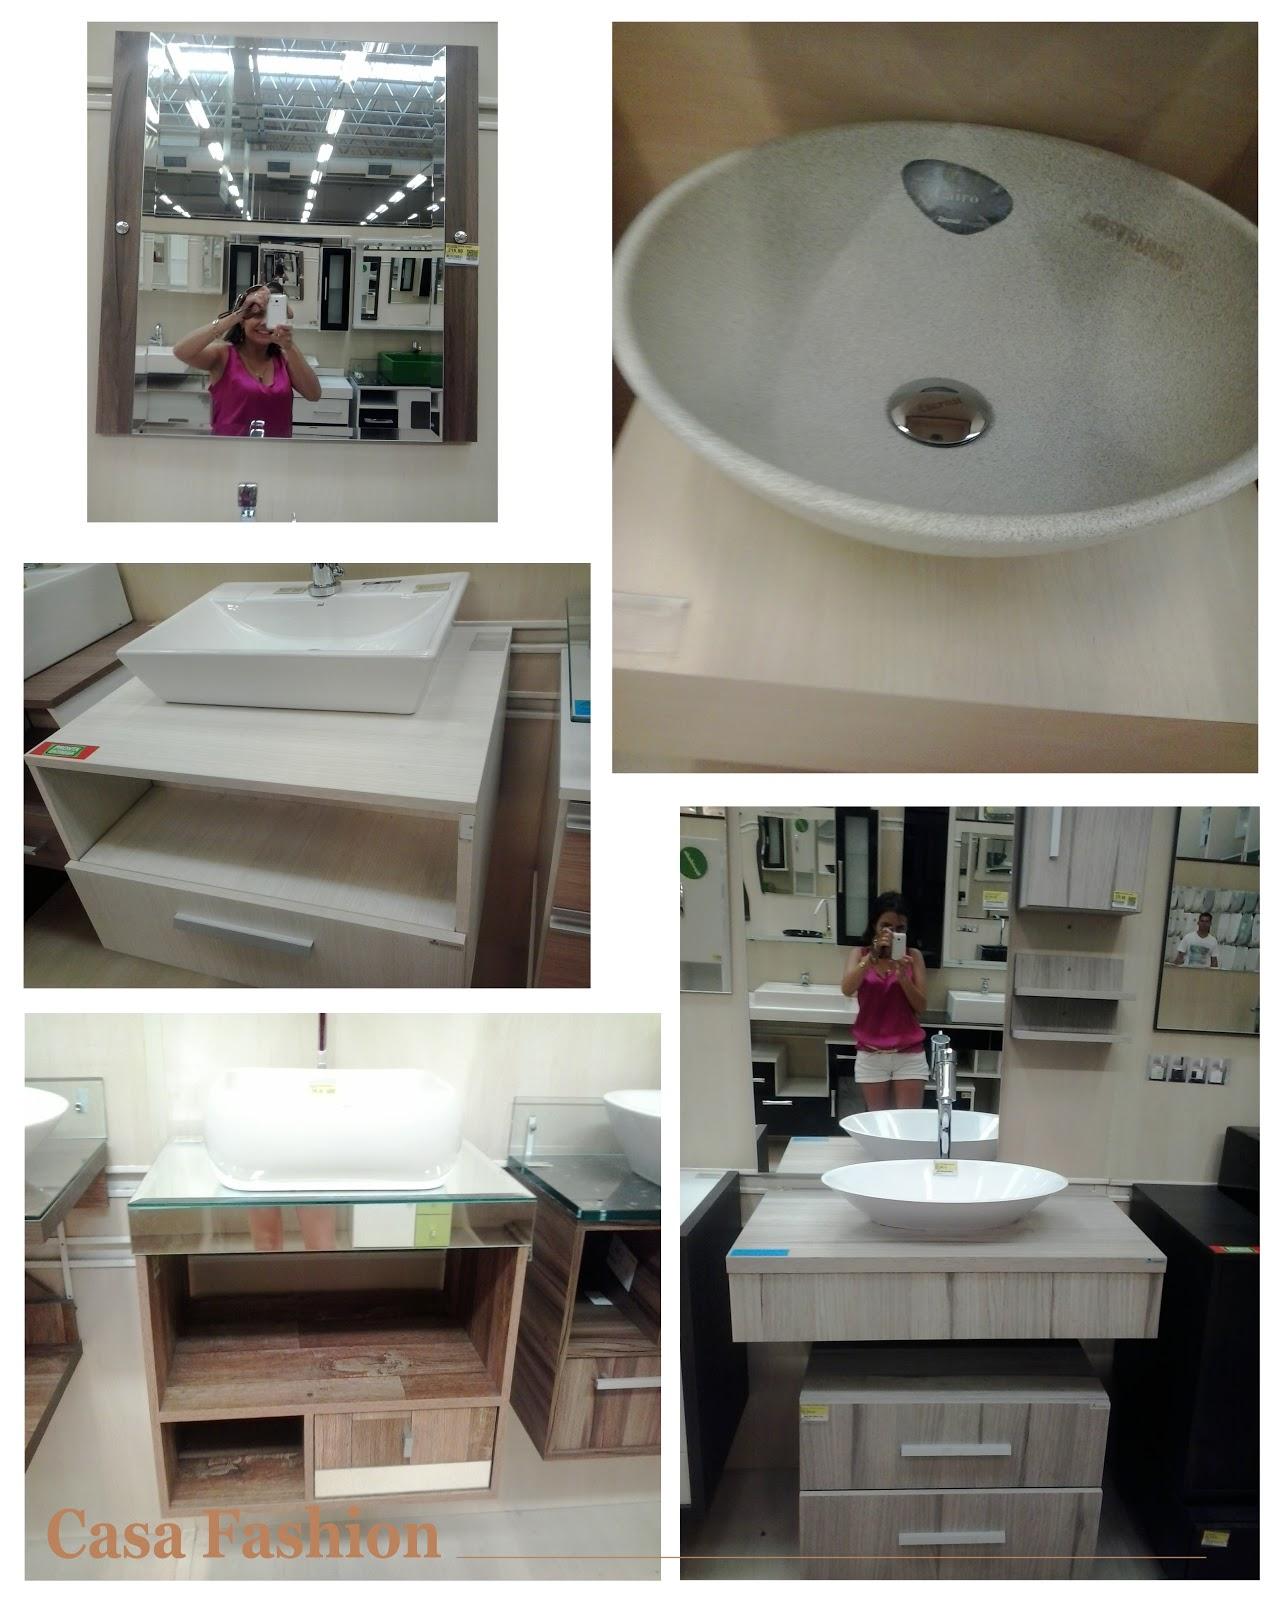 Armario de banheiro leroy merlin – Loja cem moveis guarda roupa #5E4B3F 1285x1600 Armários Banheiro Leroy Merlin